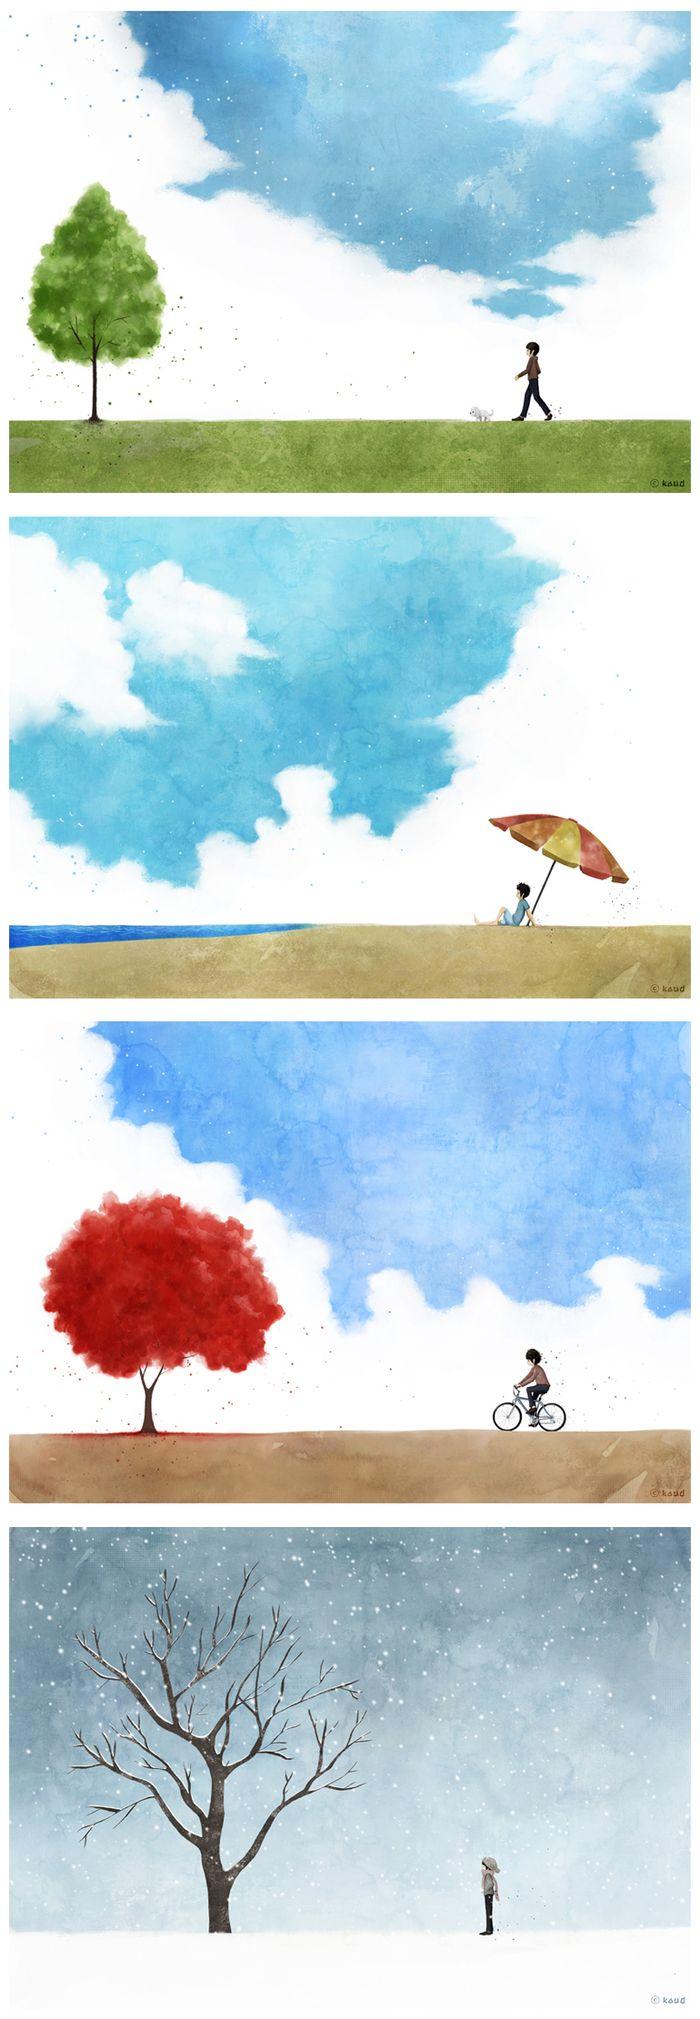 봄, 여름, 가을, 겨울